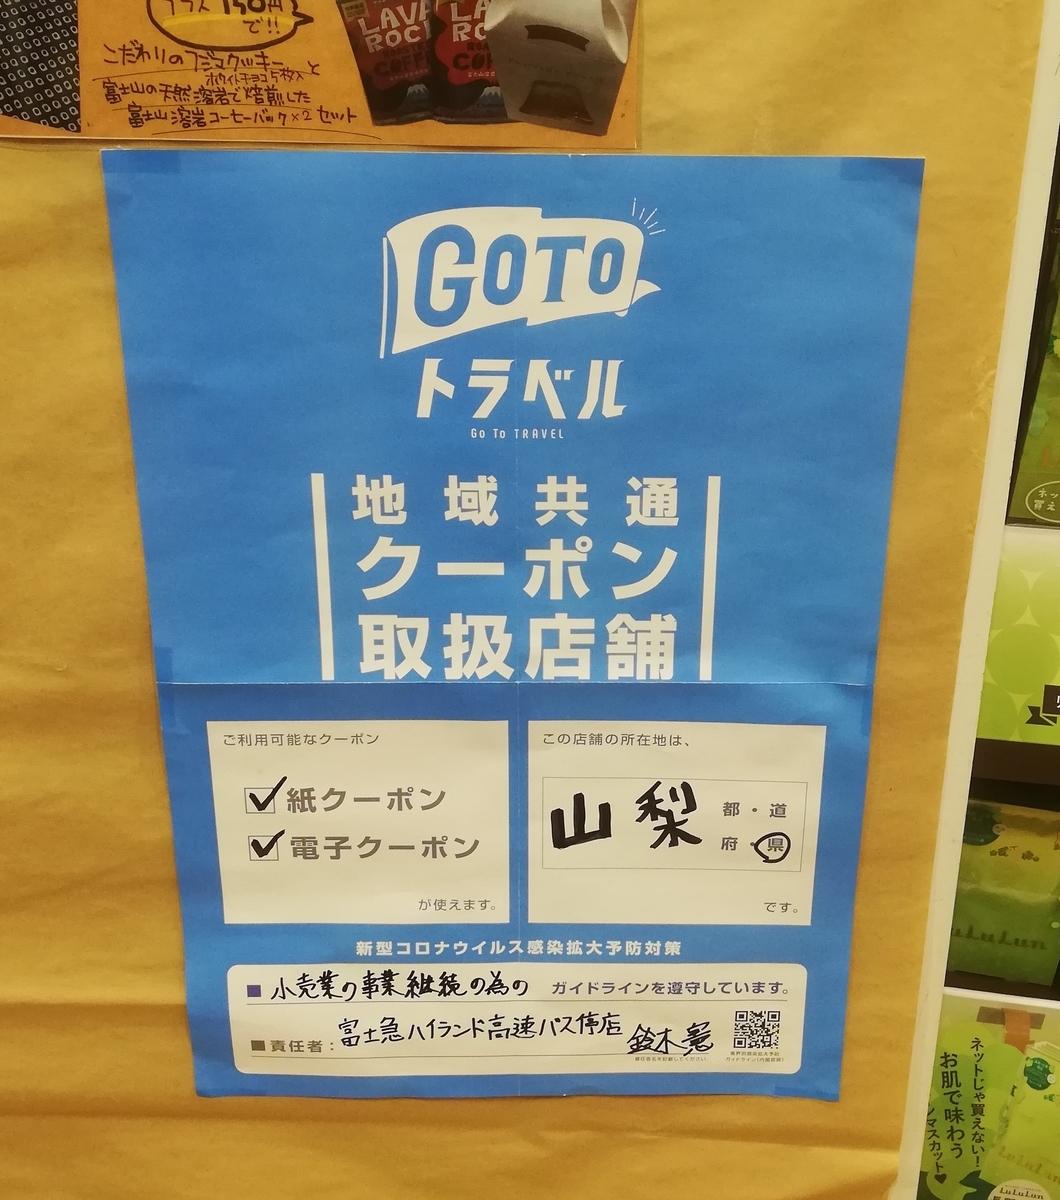 f:id:Tokyo-amuse:20201106174308j:plain